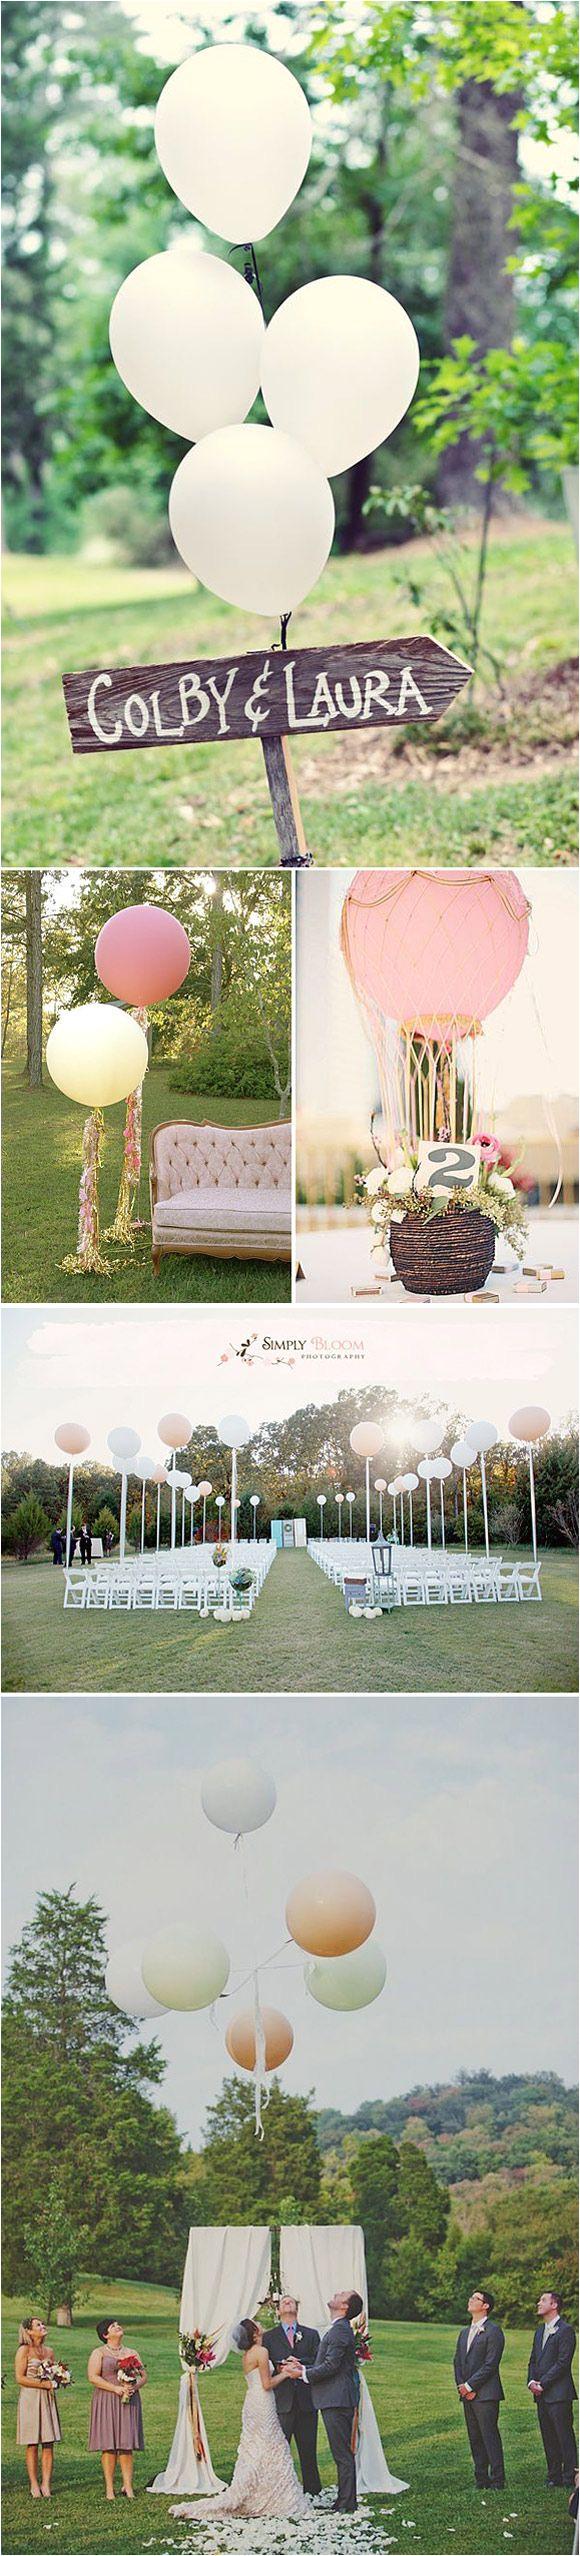 globos para decorar bodas y fiestas los globos son elementos geniales para decorar bodas y fiestas aportan un toque de color y alegria a la deco y son muy